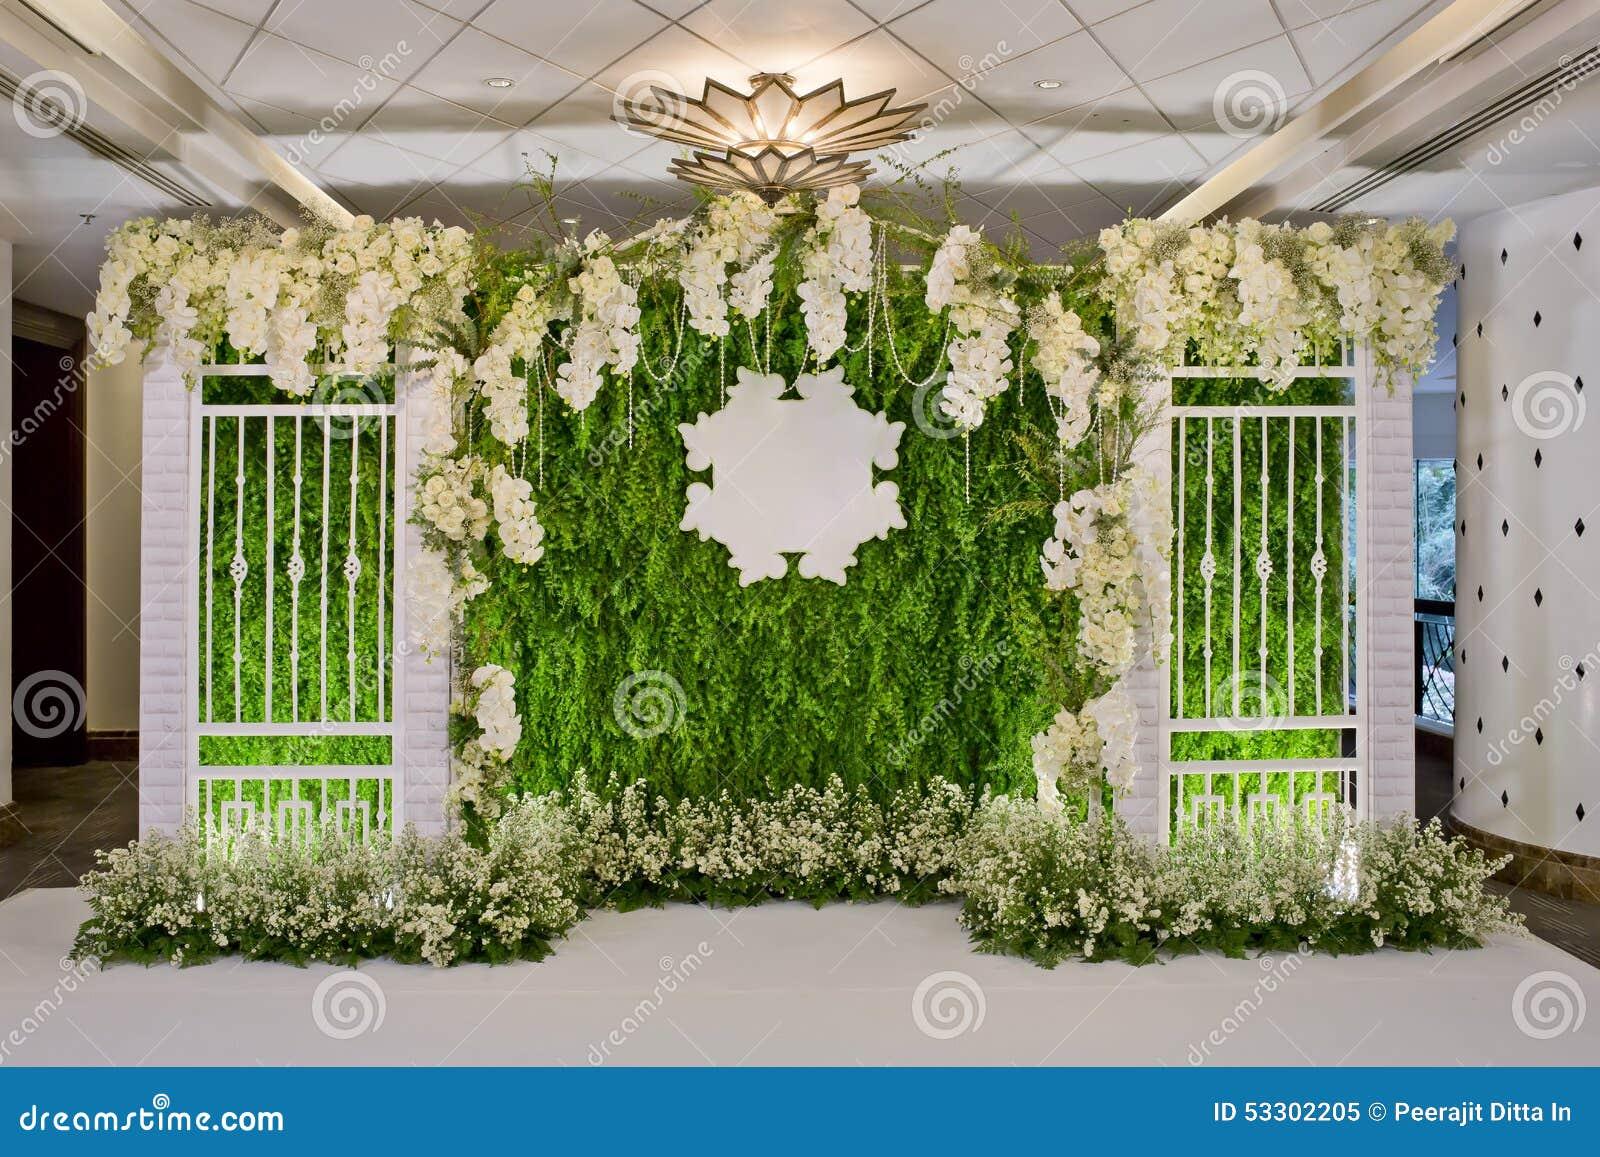 Luxury Indoors Wedding Backdrop Decoration Stock Photo